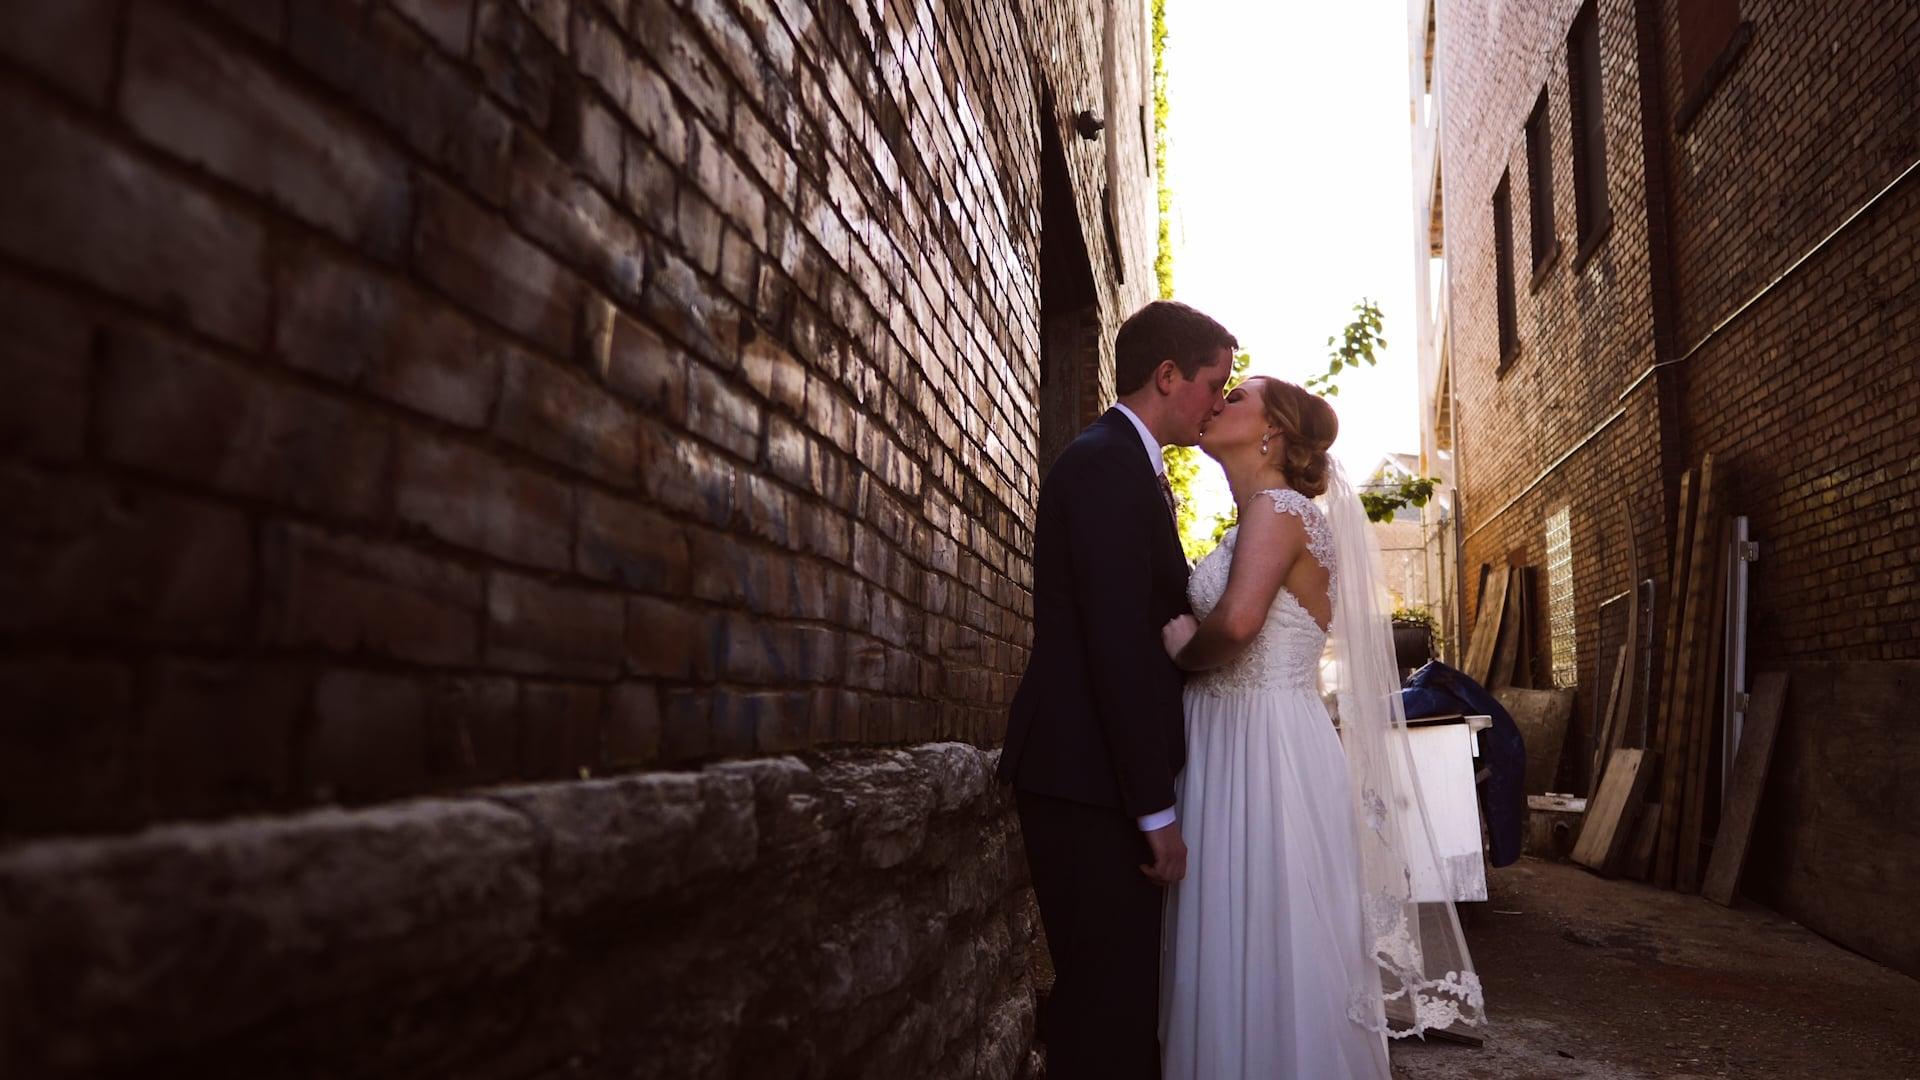 Alex & Hannah Wedding Highlight   Church On Main, Chattanooga, TN